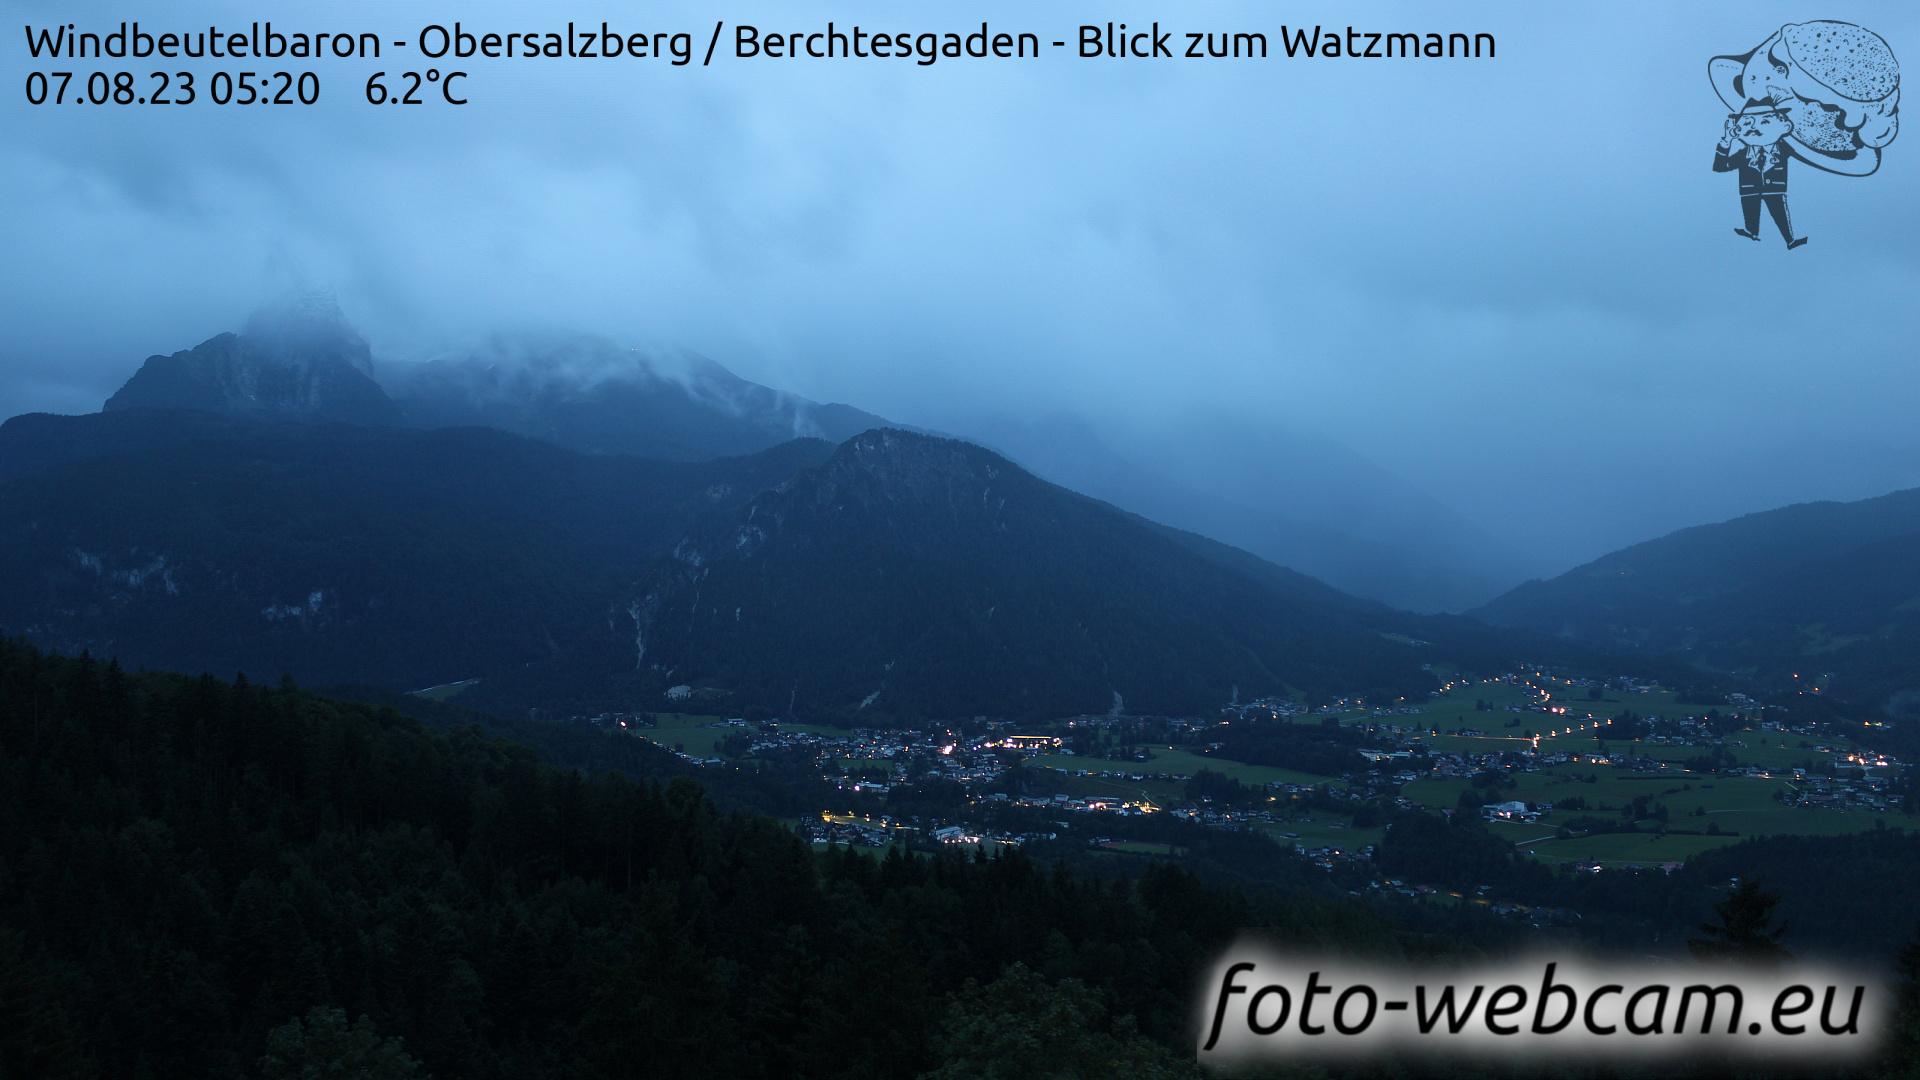 Berchtesgaden Sat. 05:32